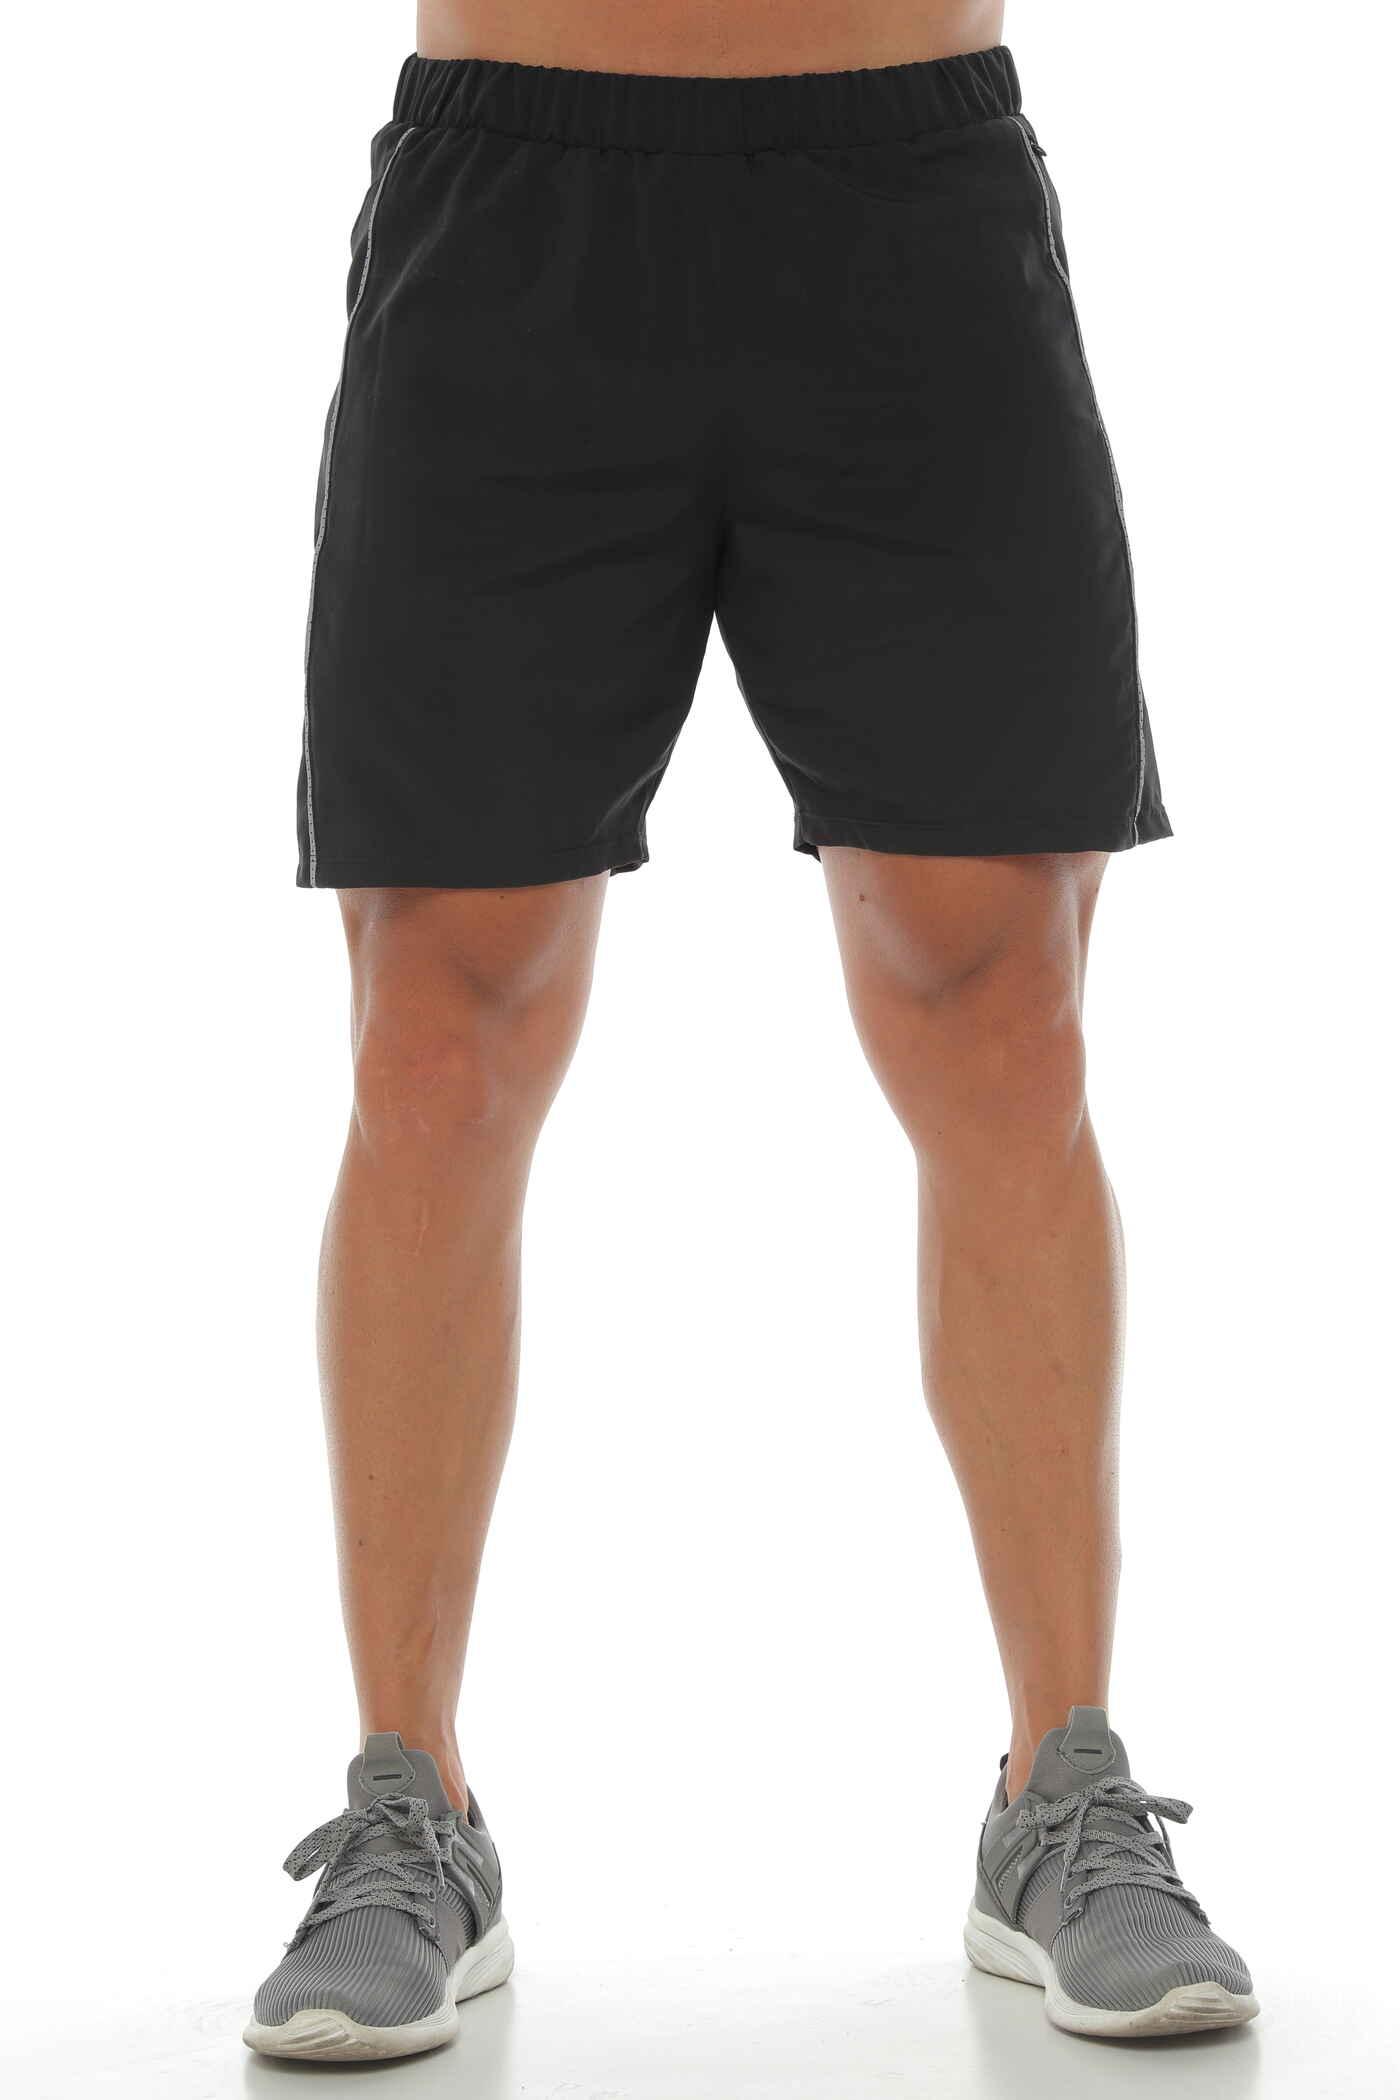 Pantaloneta Hombre | 480018